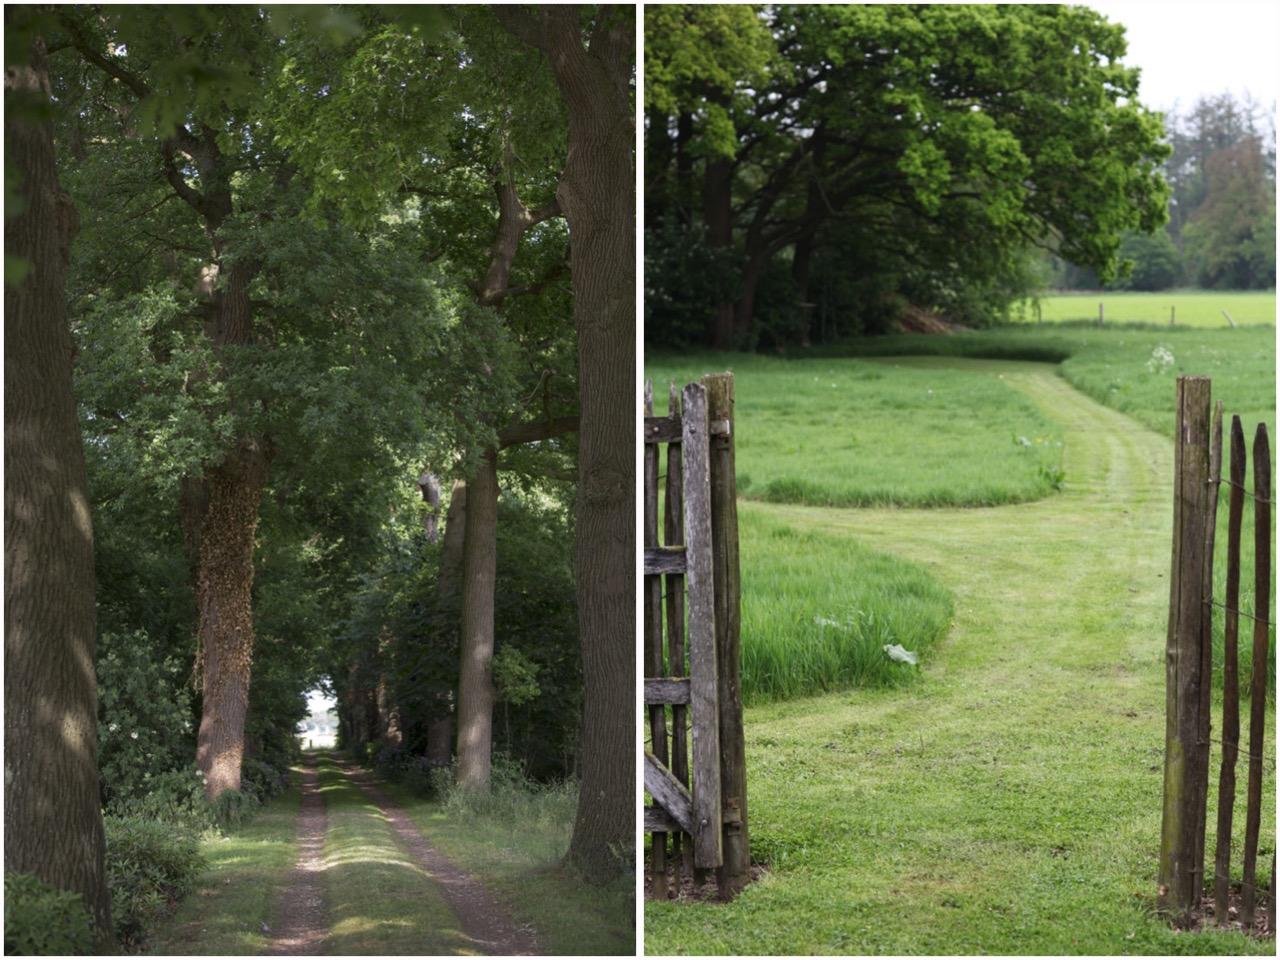 загородный дом дорожка деревья ландшафт